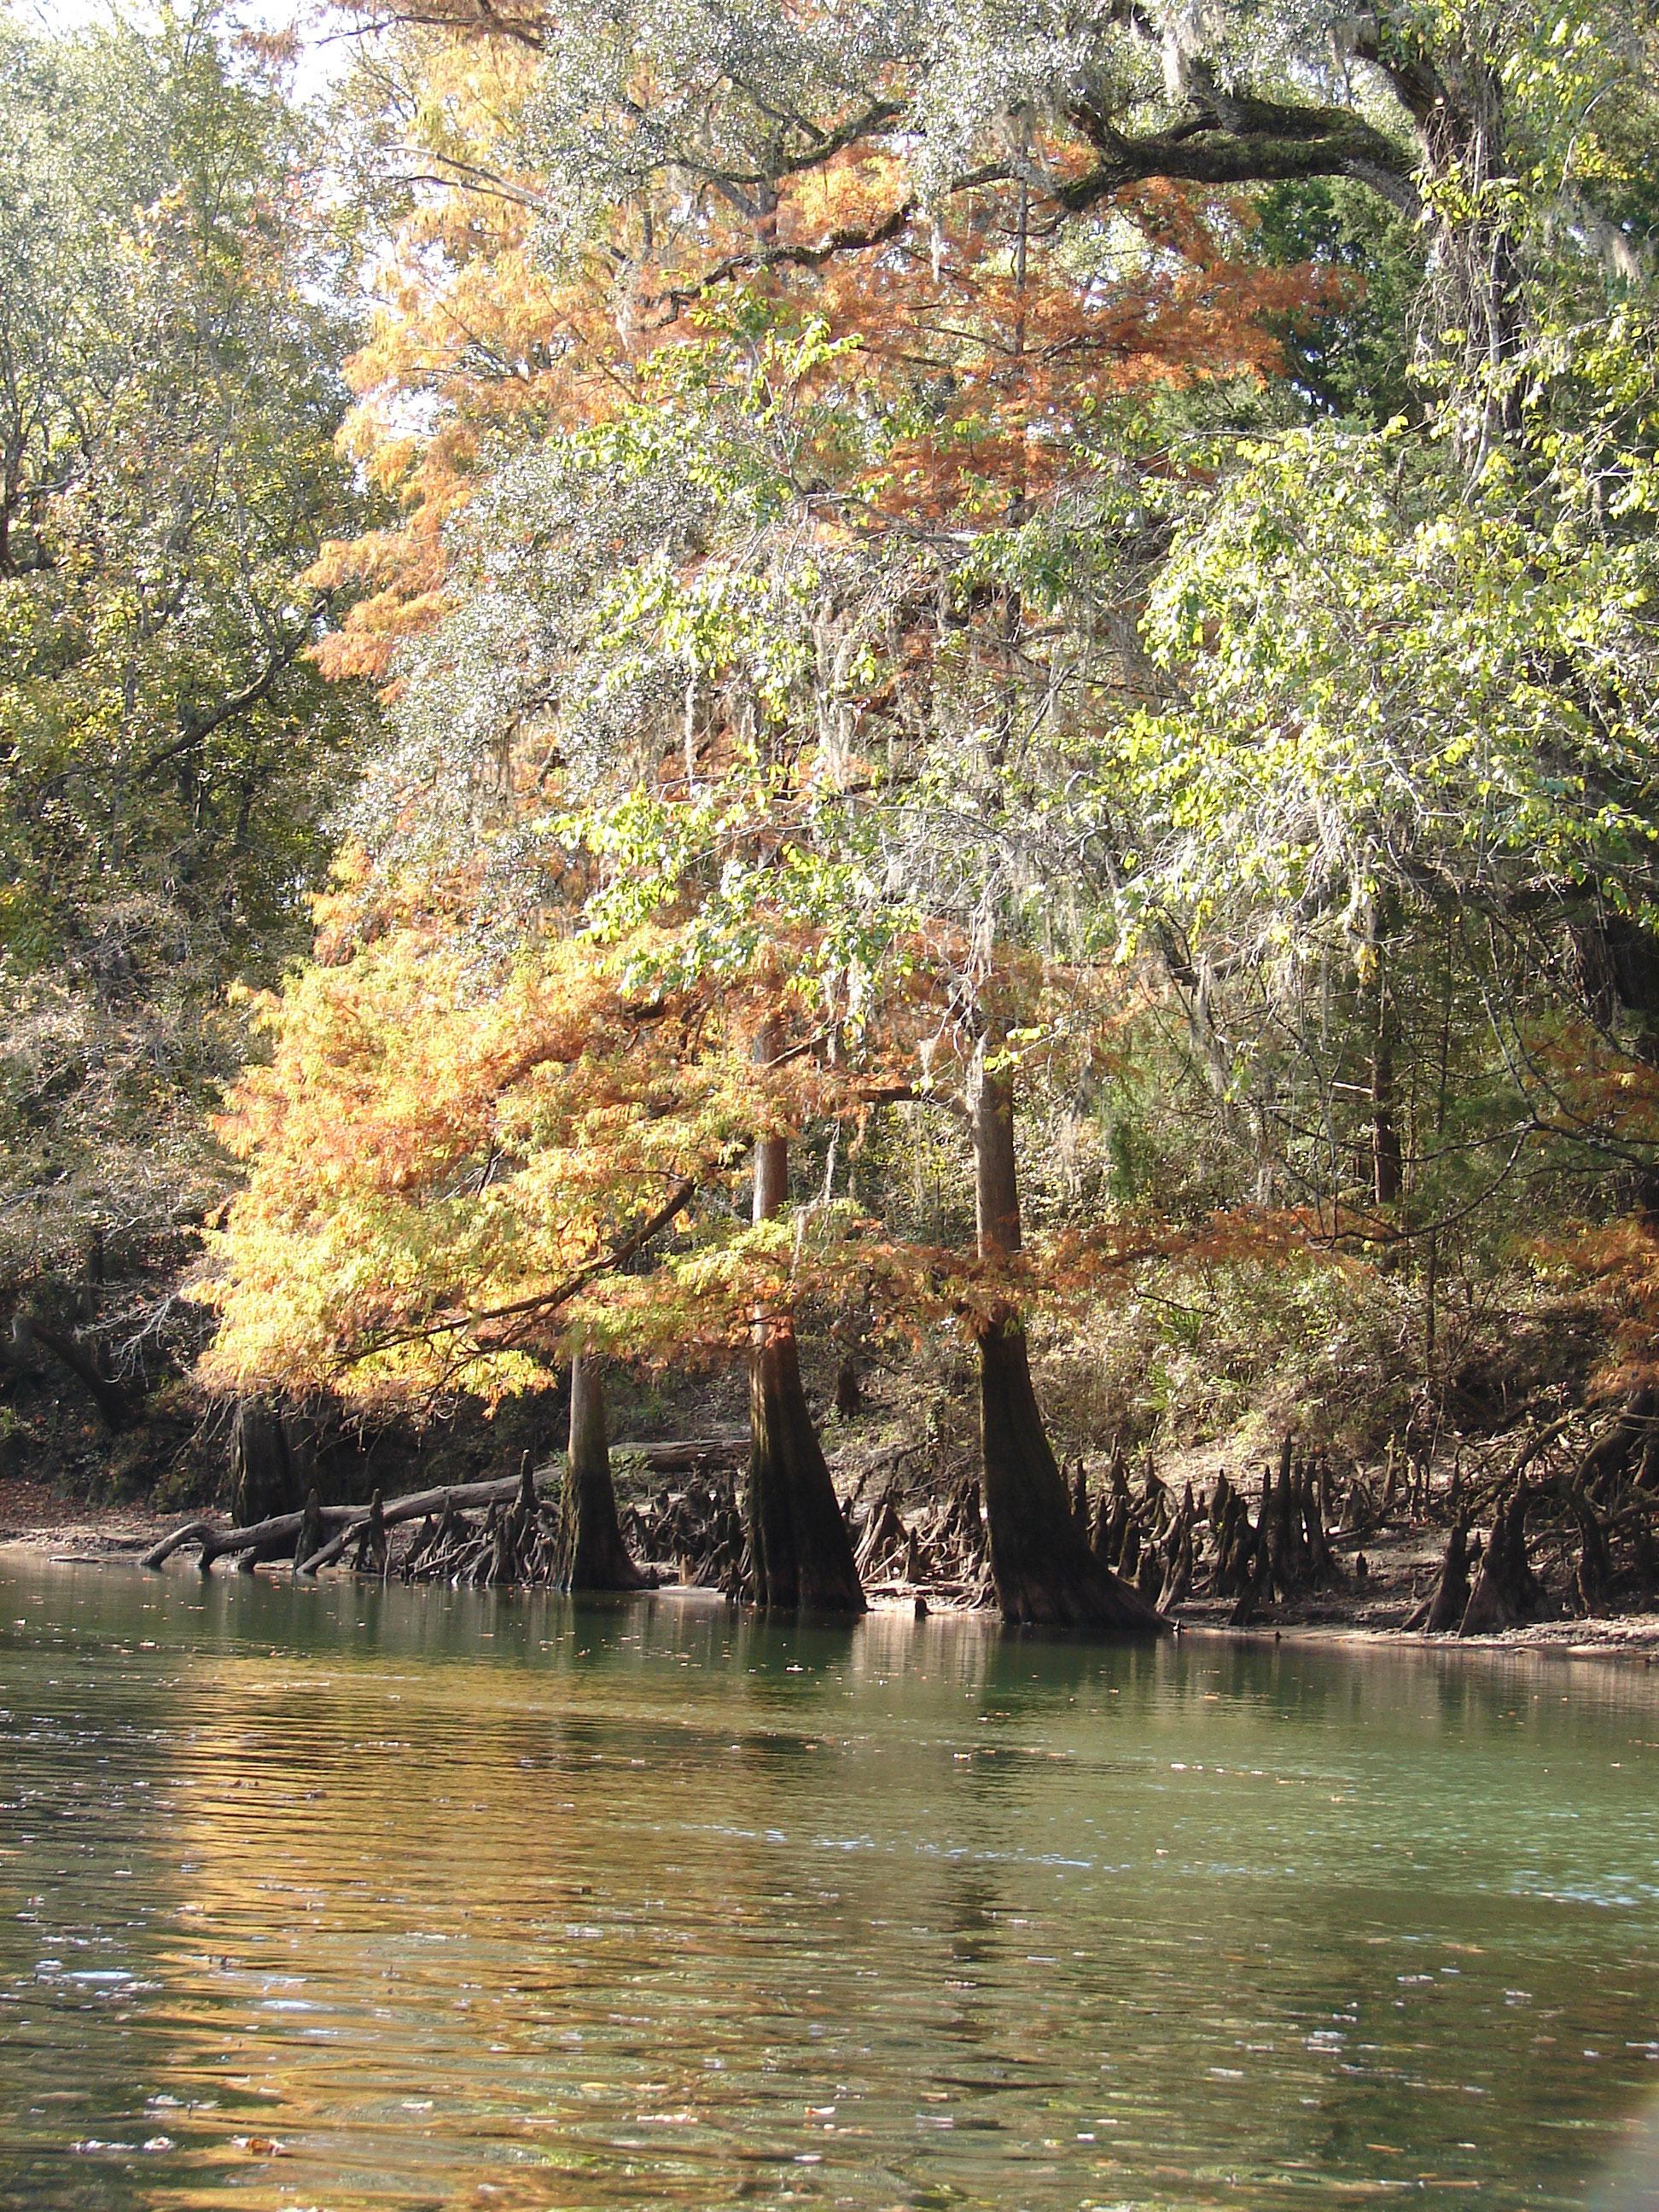 cypress-trees-fall-stock-photos-florida-panhandle-chipola-river-linda-bateman